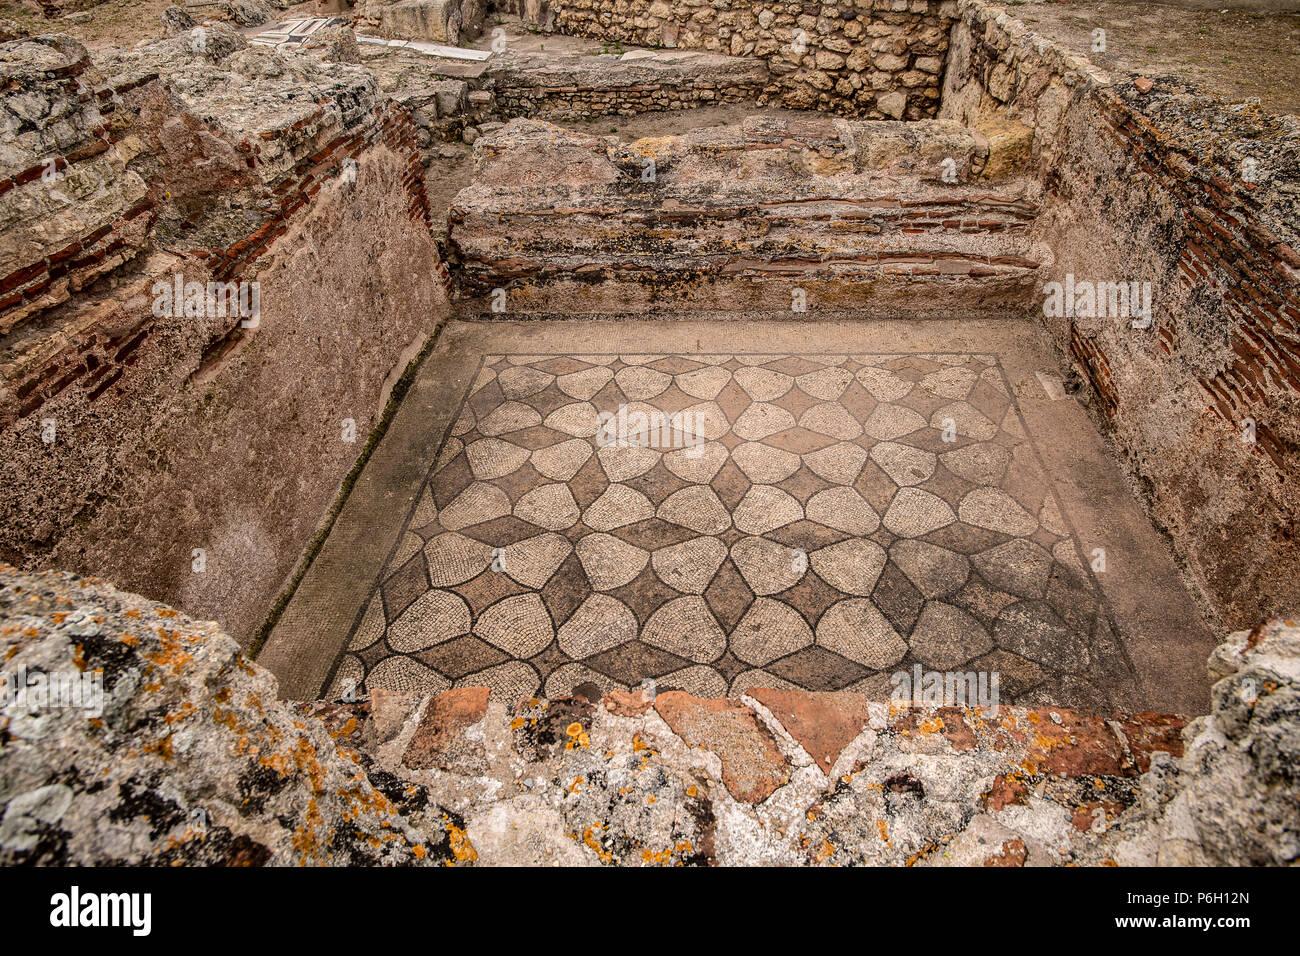 Italia Cerdeña Porto Torres - Turris Libisonis Parque Arqueológico y Museo Nacional de Arqueología Antiquarium Turritar-casa privada,piso de mosaico, Imagen De Stock